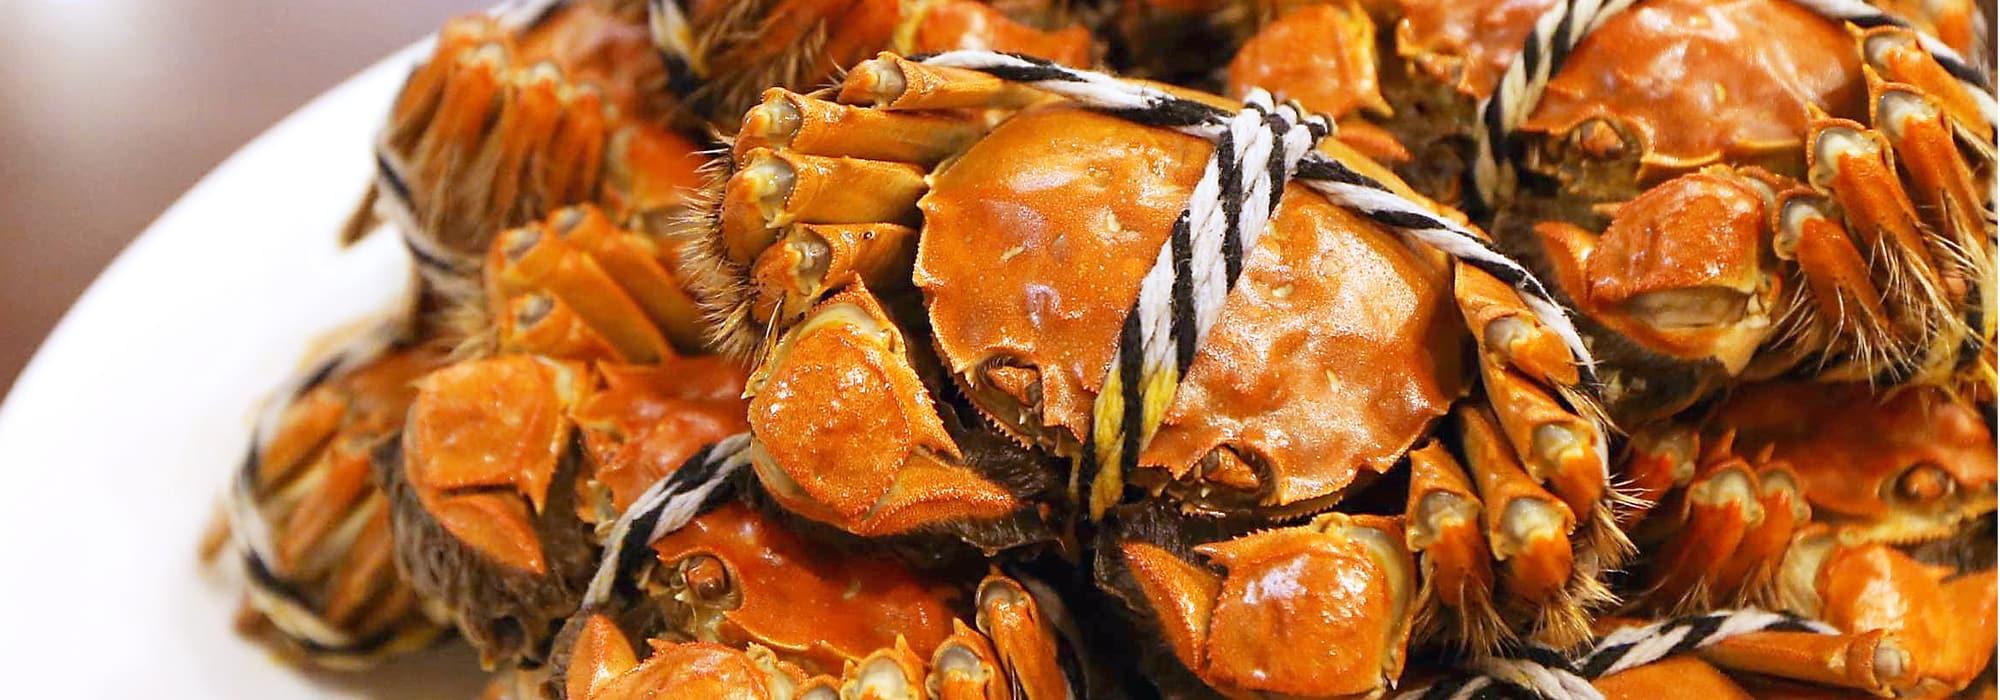 食大閘蟹前必睇|又到食大閘蟹季節|9件關於大閘蟹嘅大小事